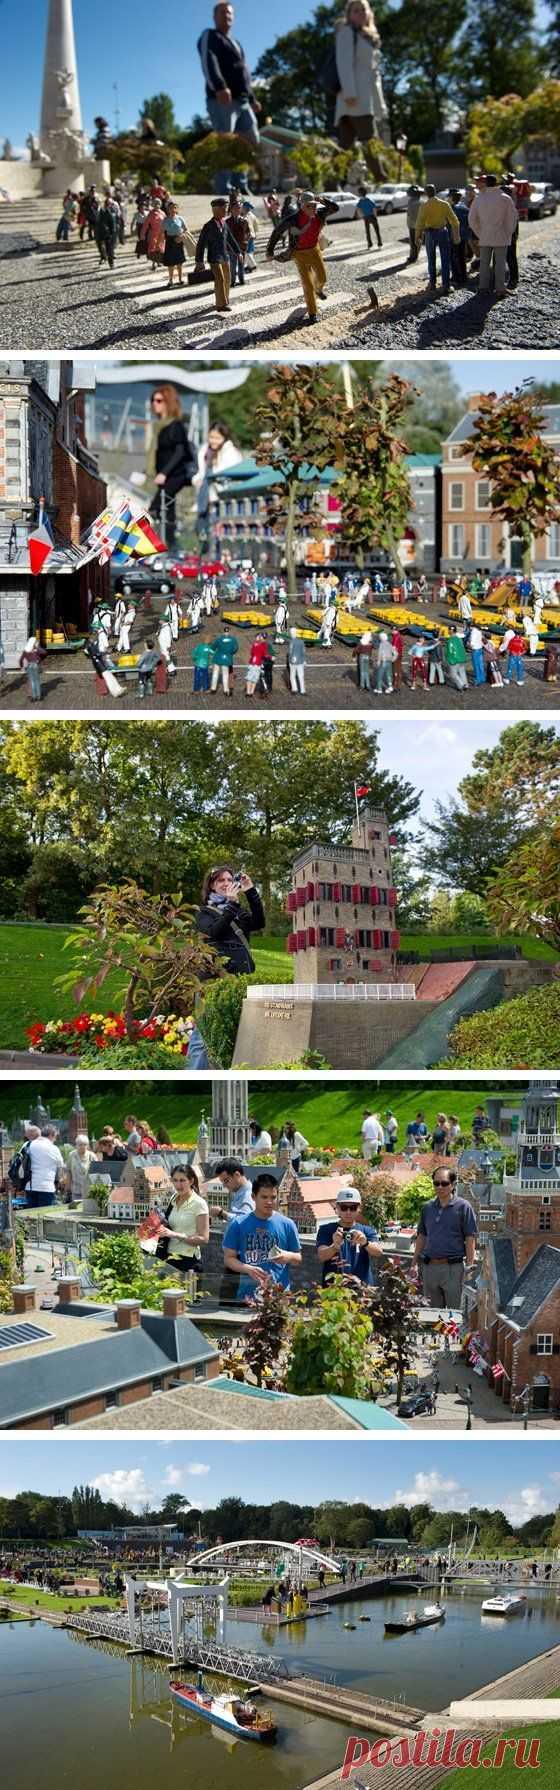 ¡Siéntese por el gigante! El museo de la miniatura. La La Haya, Países Bajos